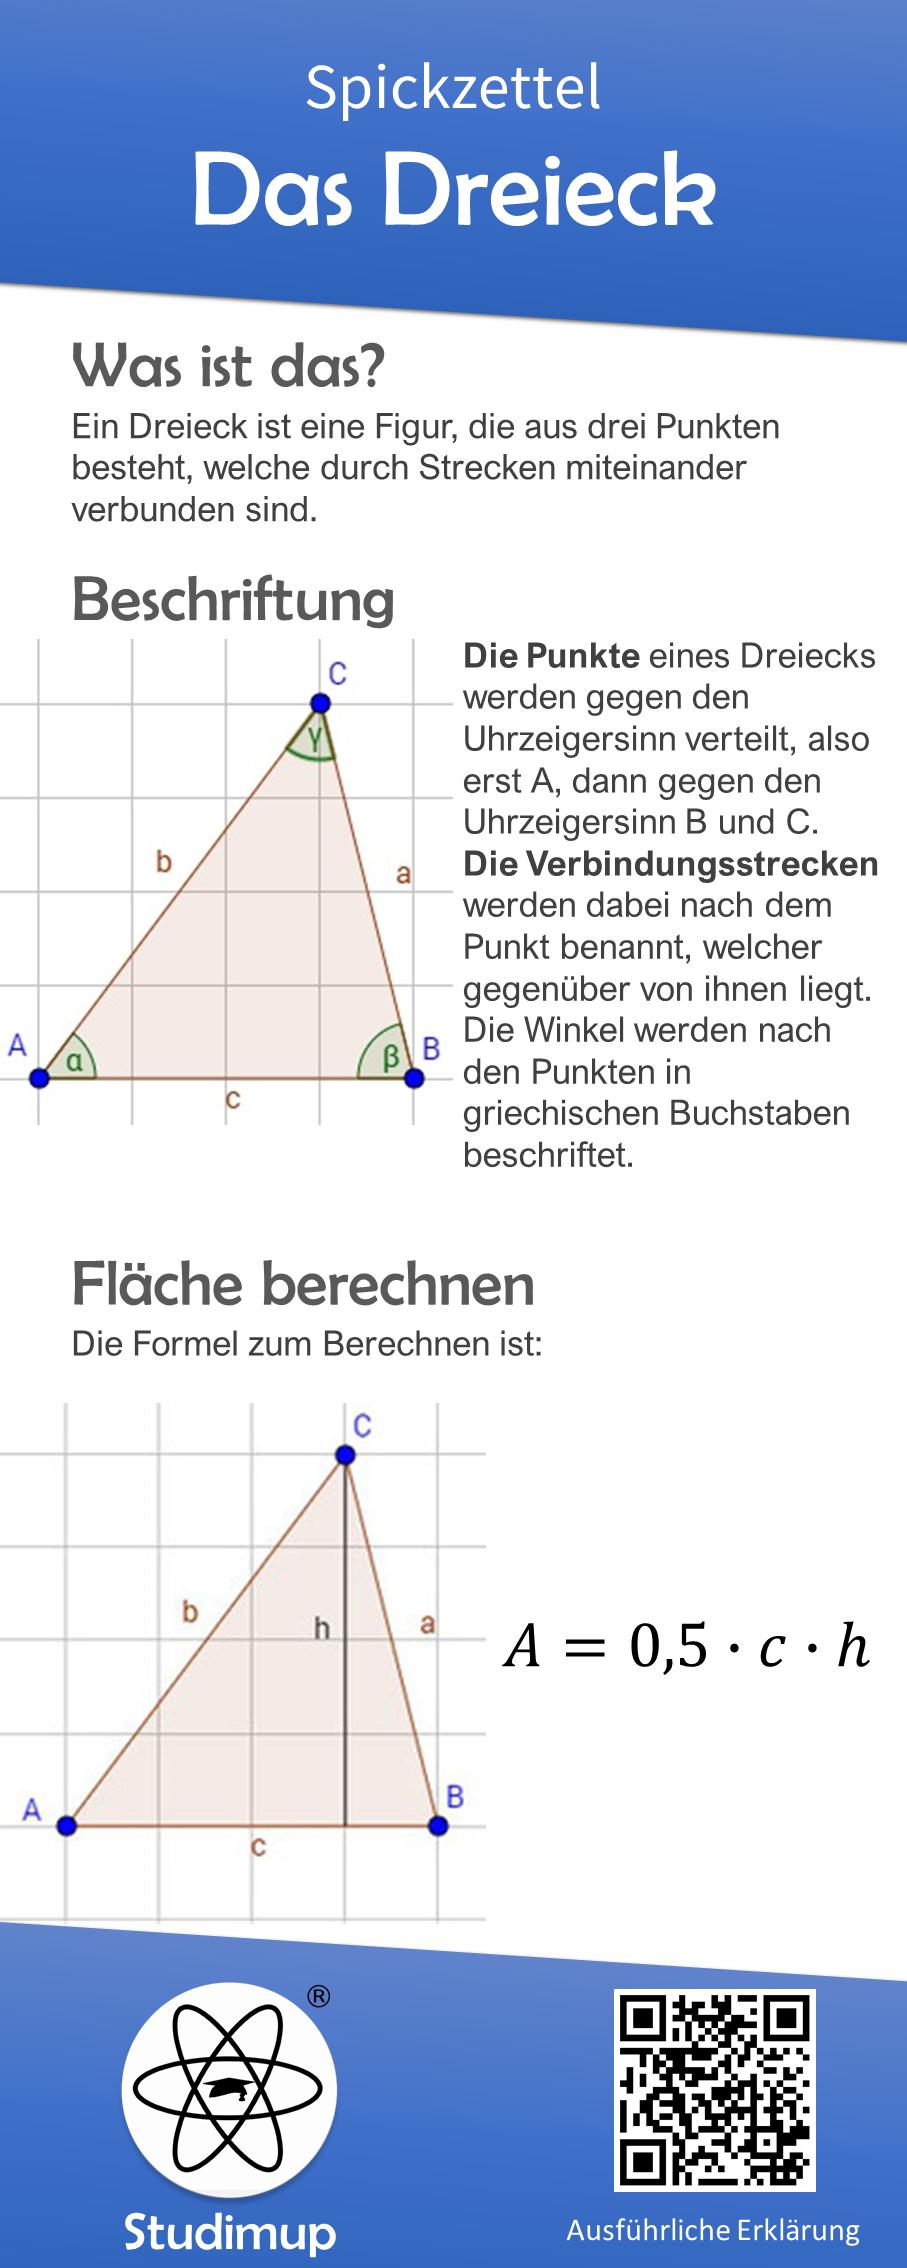 mathe spickzettel zum thema das dreieck mit erkl rung der. Black Bedroom Furniture Sets. Home Design Ideas